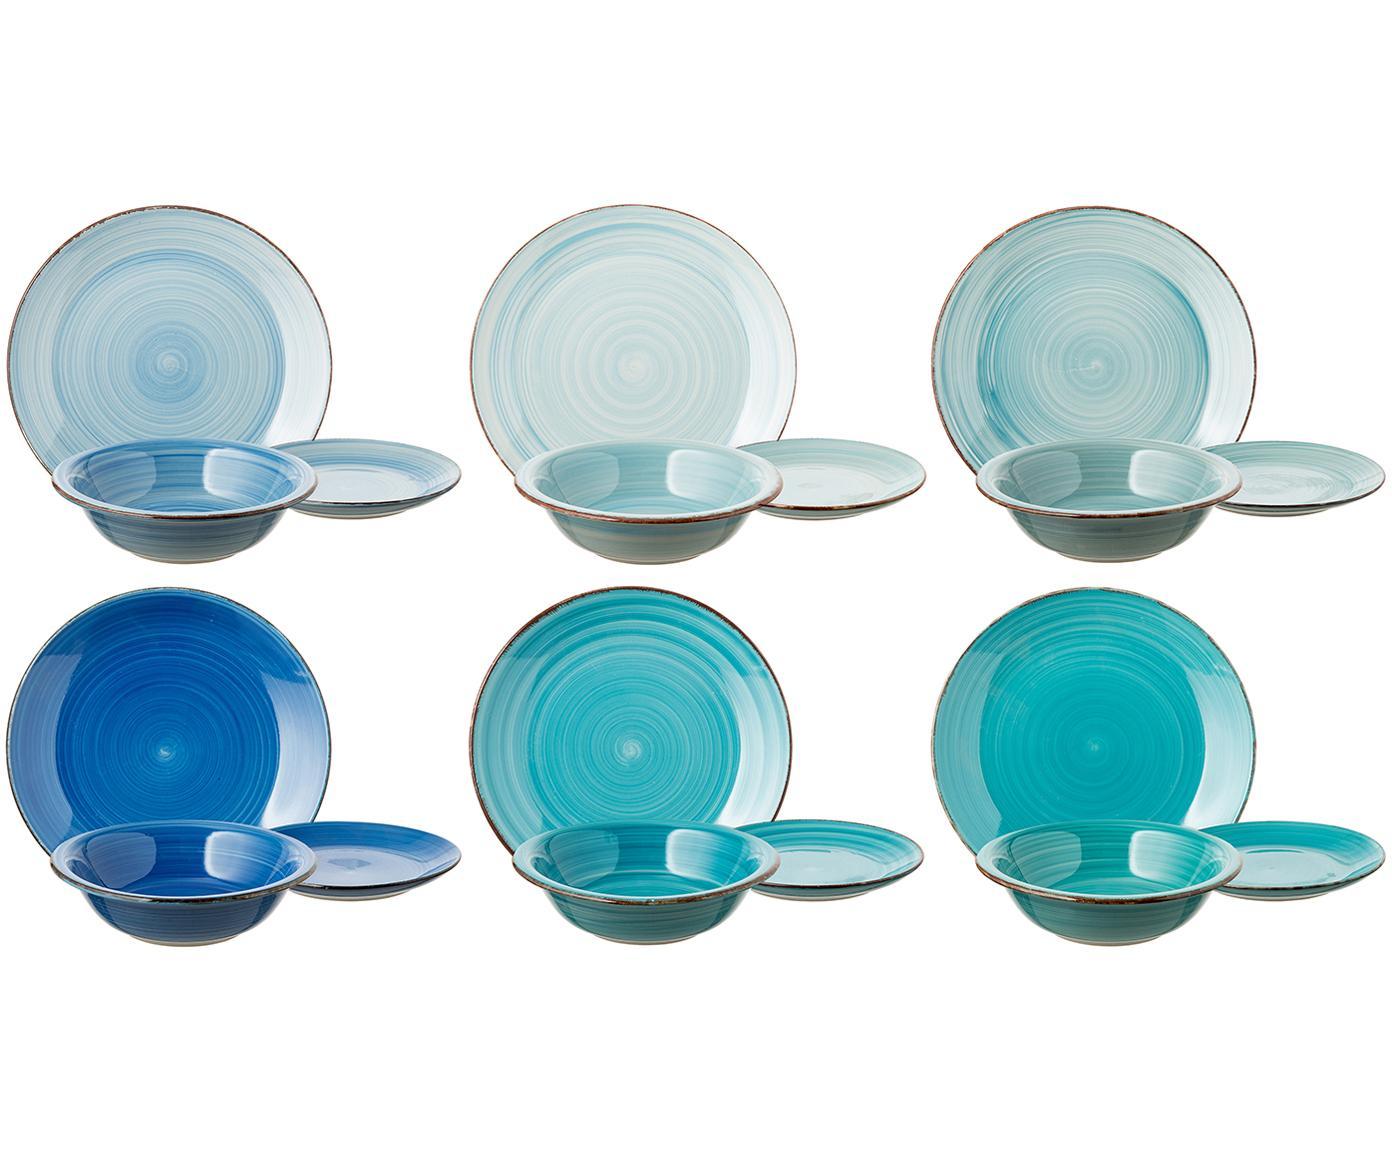 Geschirr-Set Baita in Blautönen, 6 Personen (18-tlg.), Steingut (Hard Dolomite), handbemalt, Blau-, Mint-, Türkistöne, Verschiedene Grössen